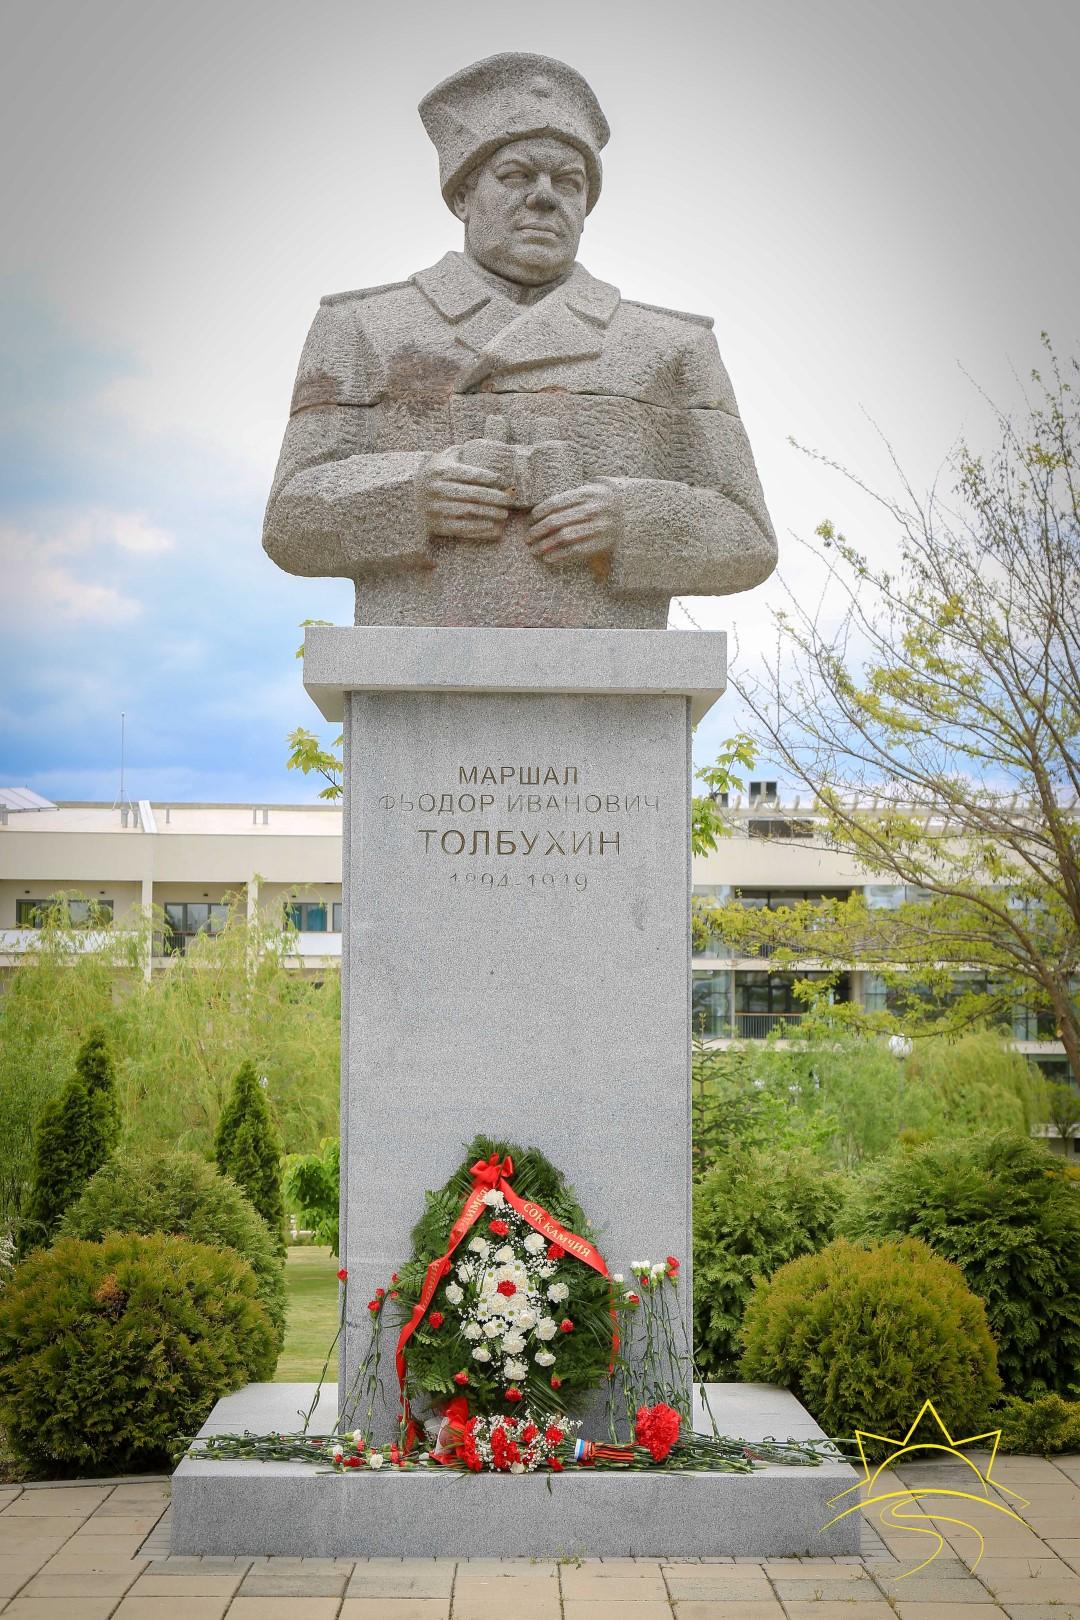 22 июня в СОК «Камчия» будет отмечаться «День памяти и скорби в России»